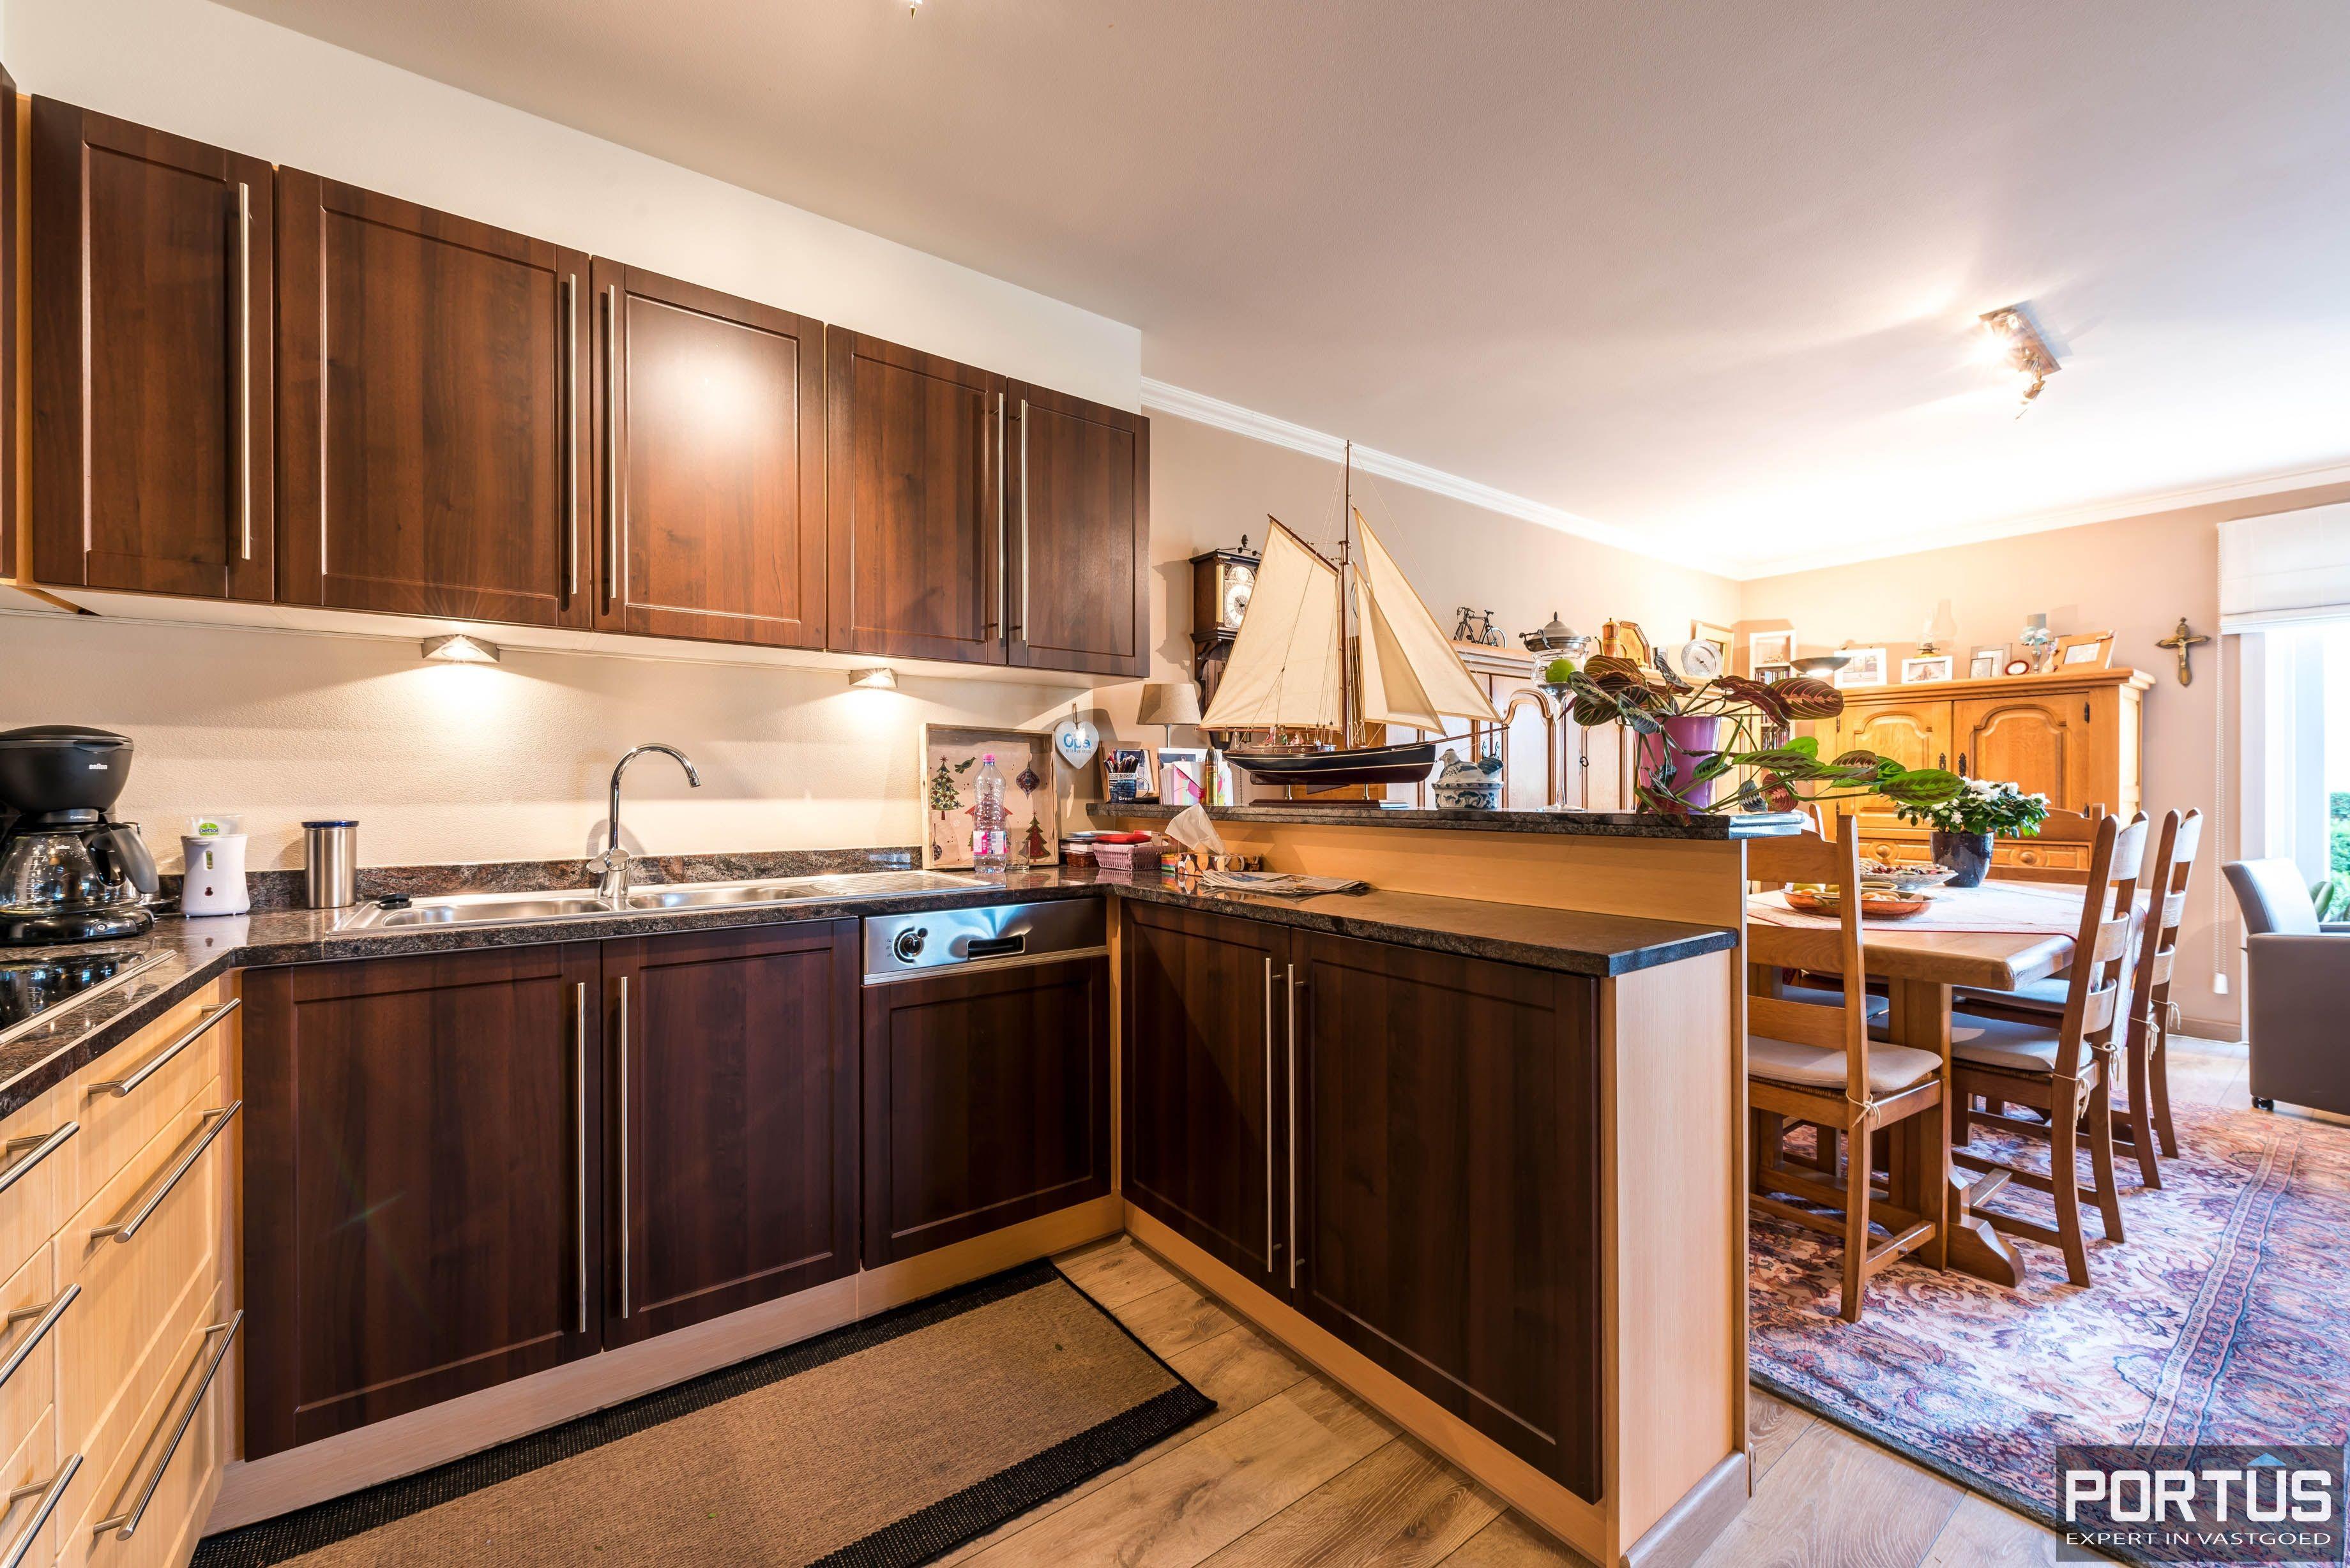 Gelijkvloers appartement met 3 slaapkamers Nieuwpoort - 5695